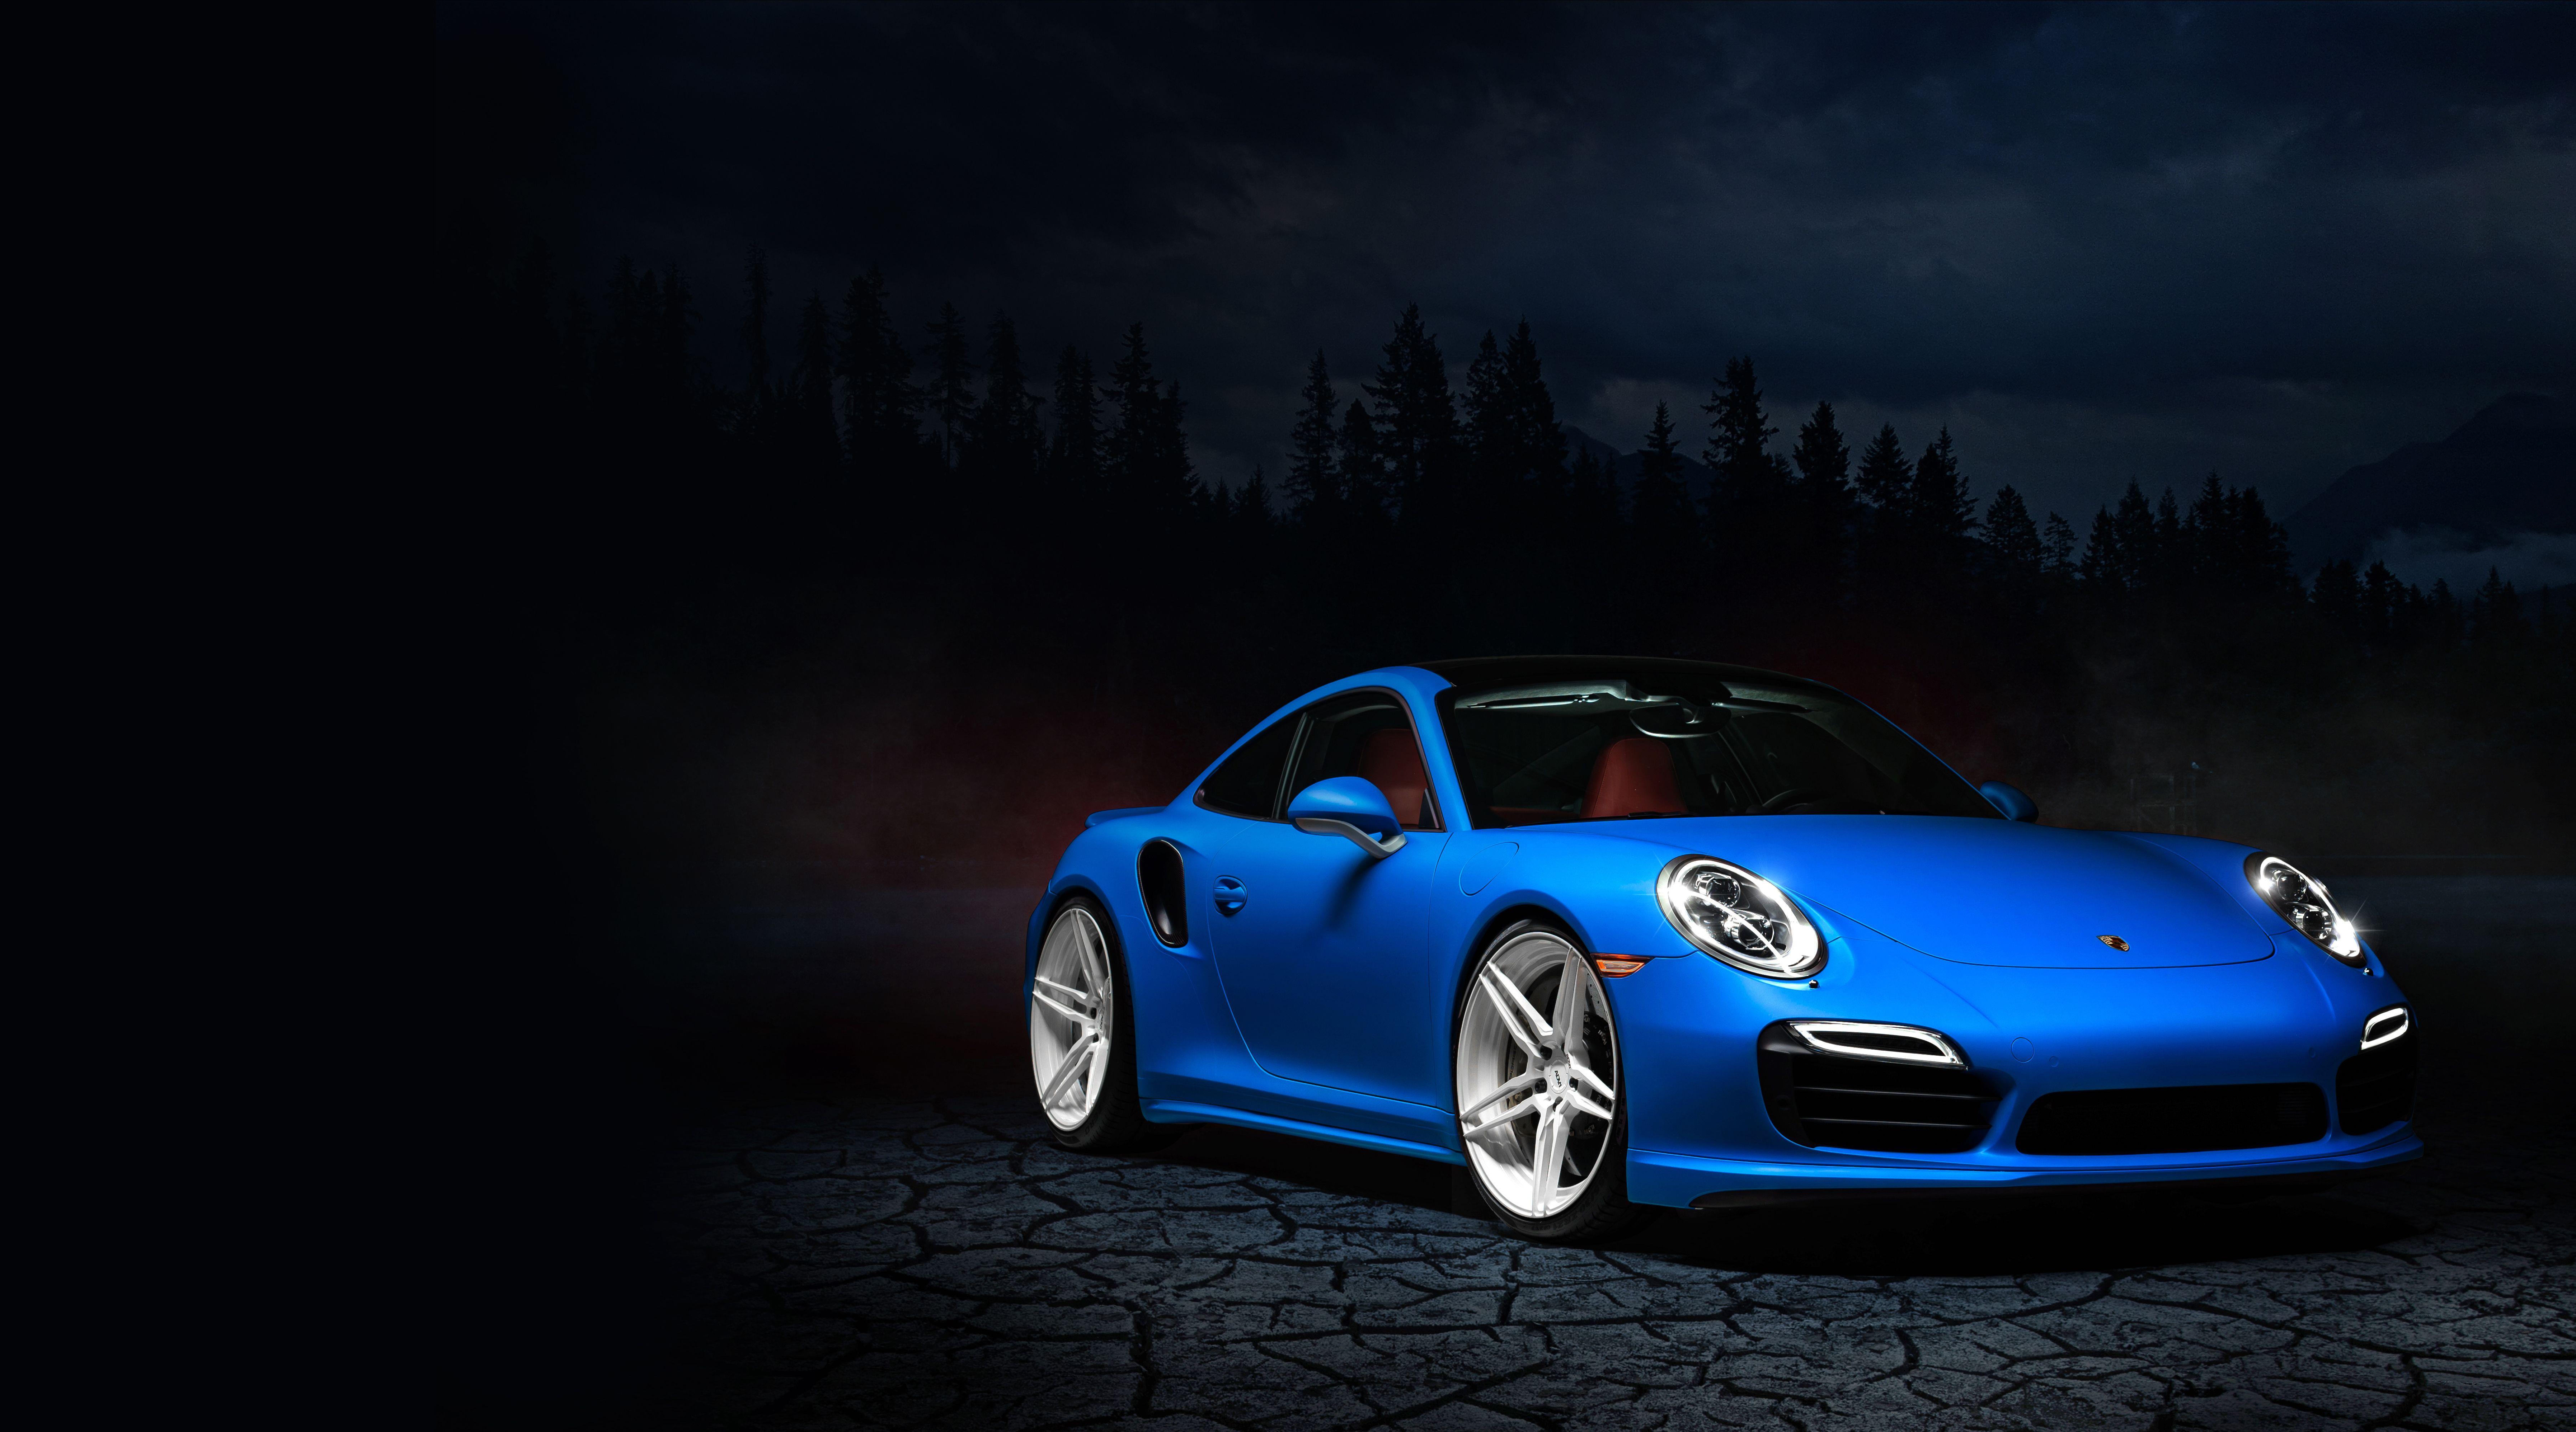 4K Ultra HD Porsche Wallpapers   Top 4K Ultra HD Porsche 7180x3992